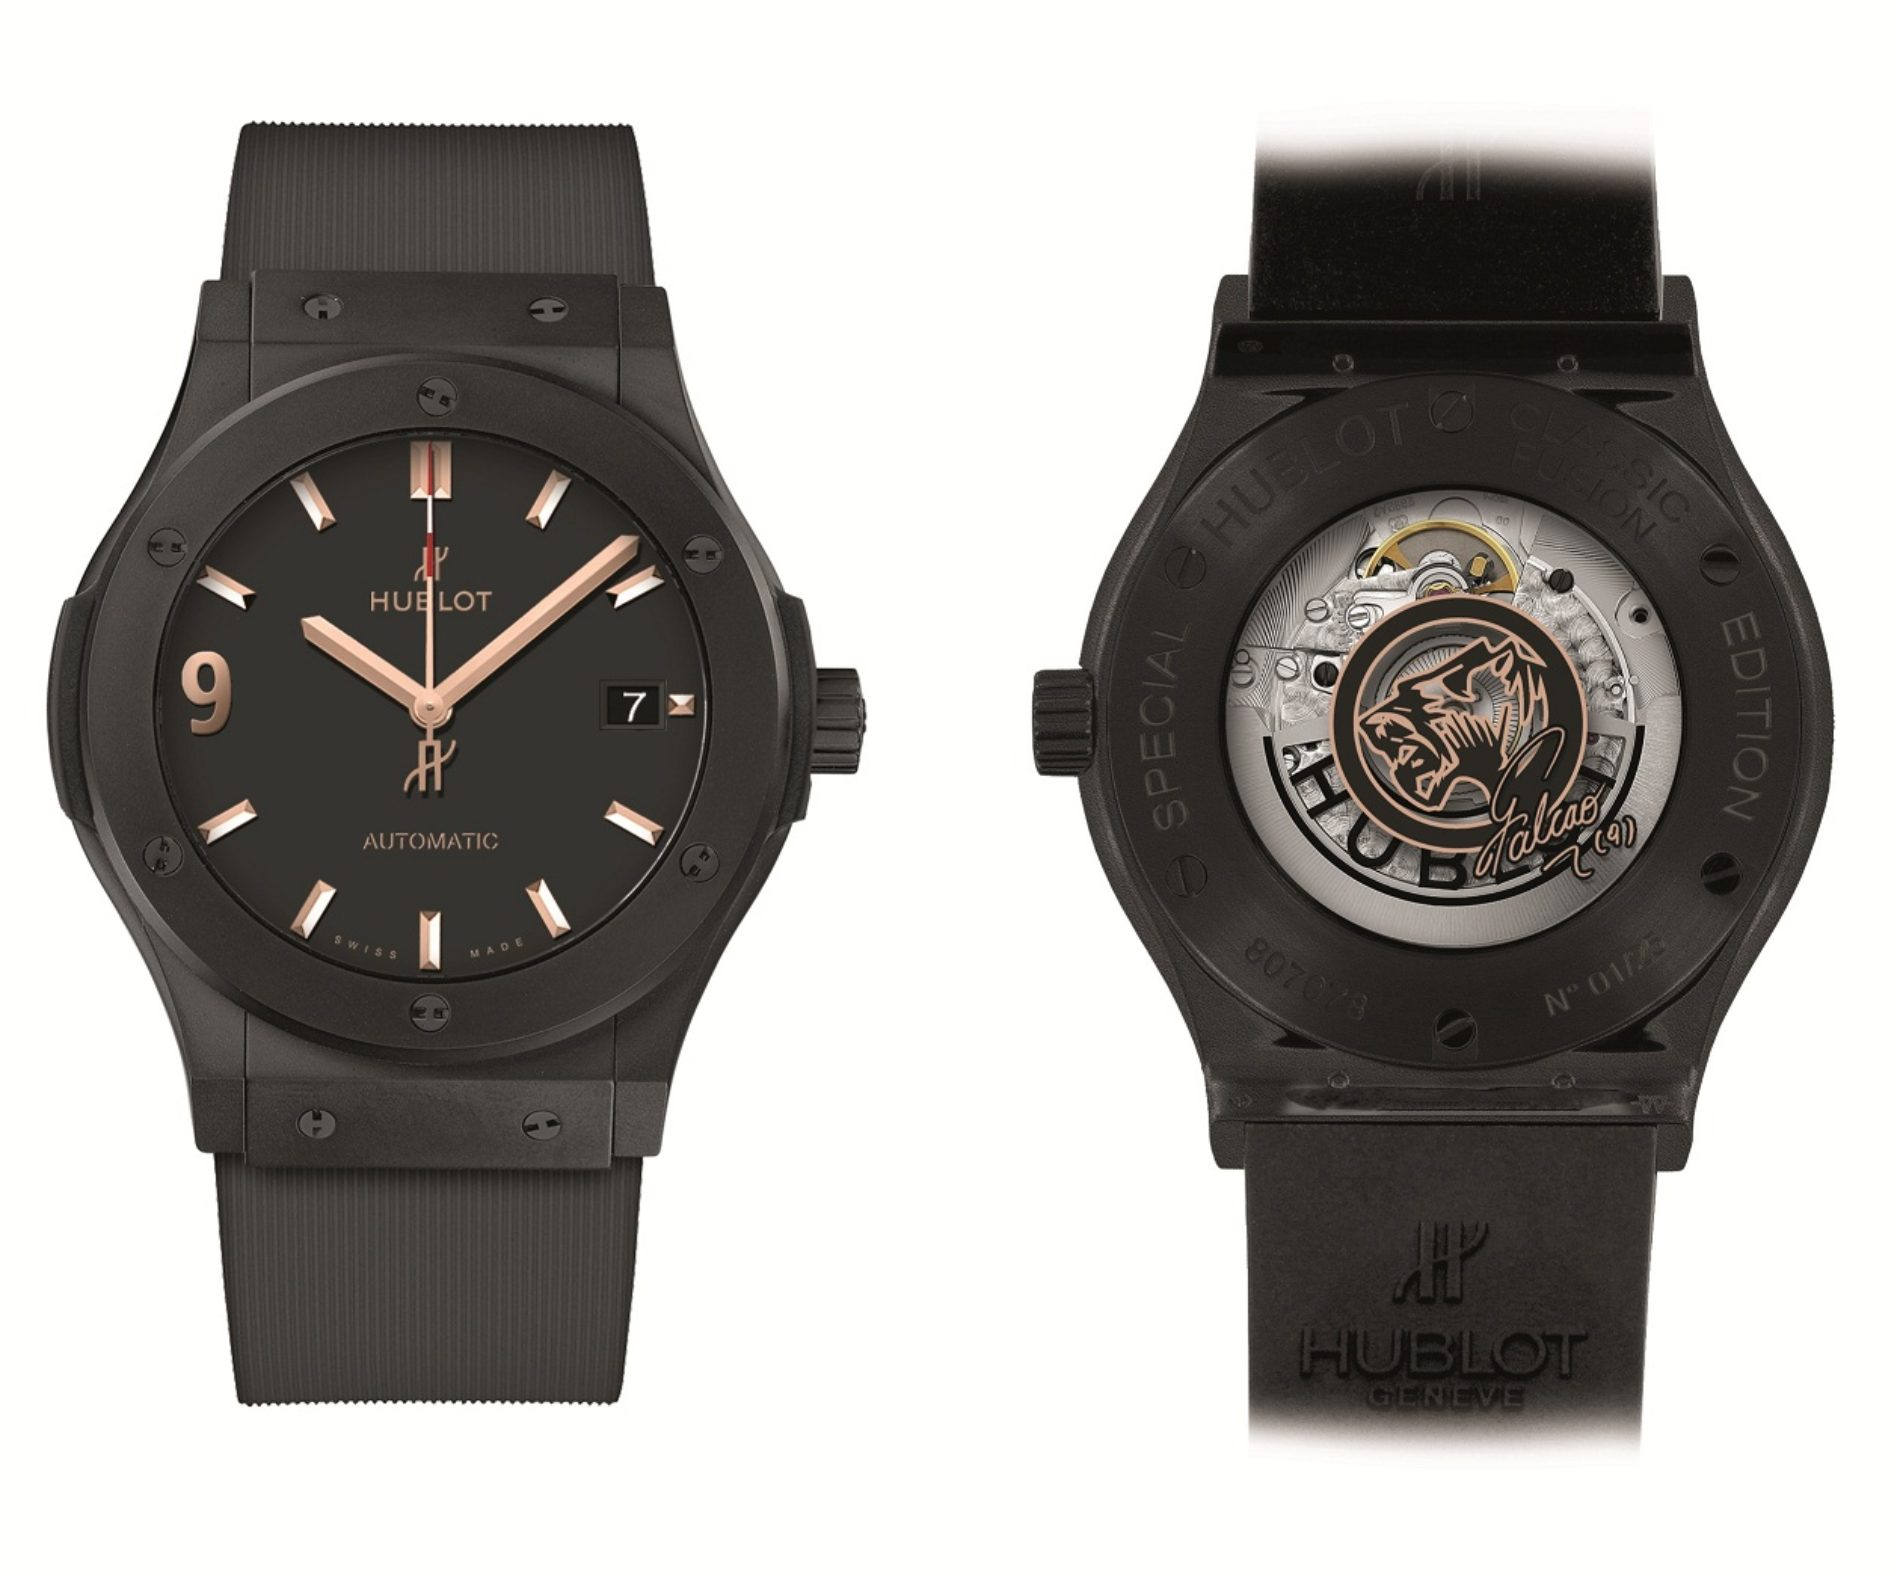 Hublot presenta una nueva edición del reloj inspirado en Falcao